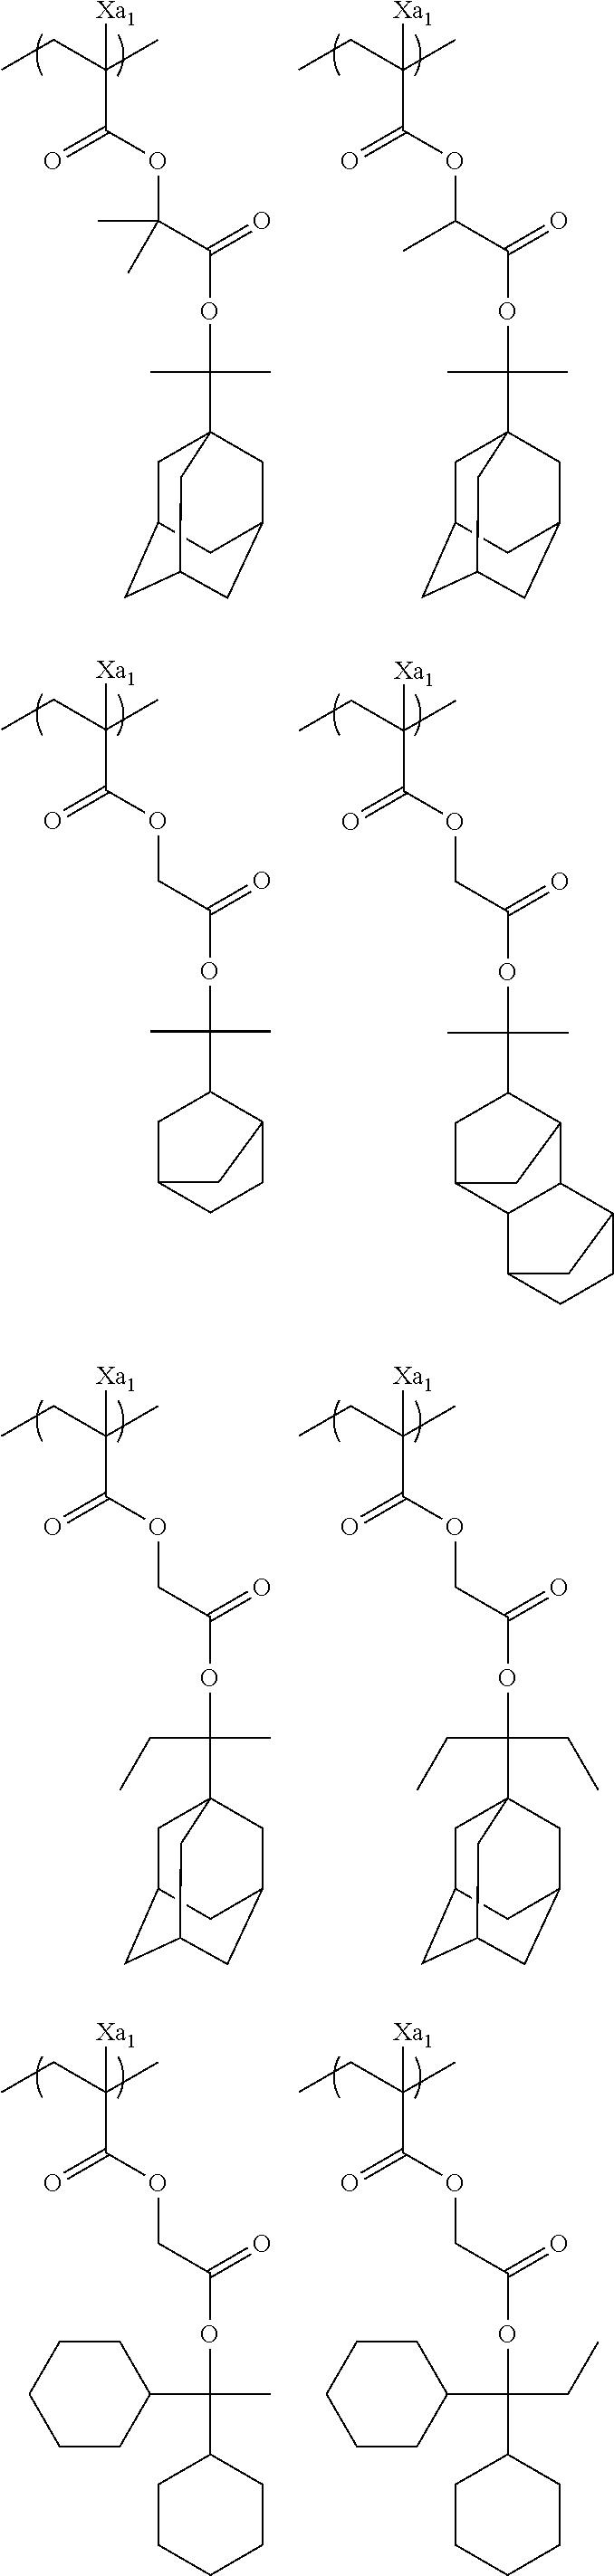 Figure US20110183258A1-20110728-C00037